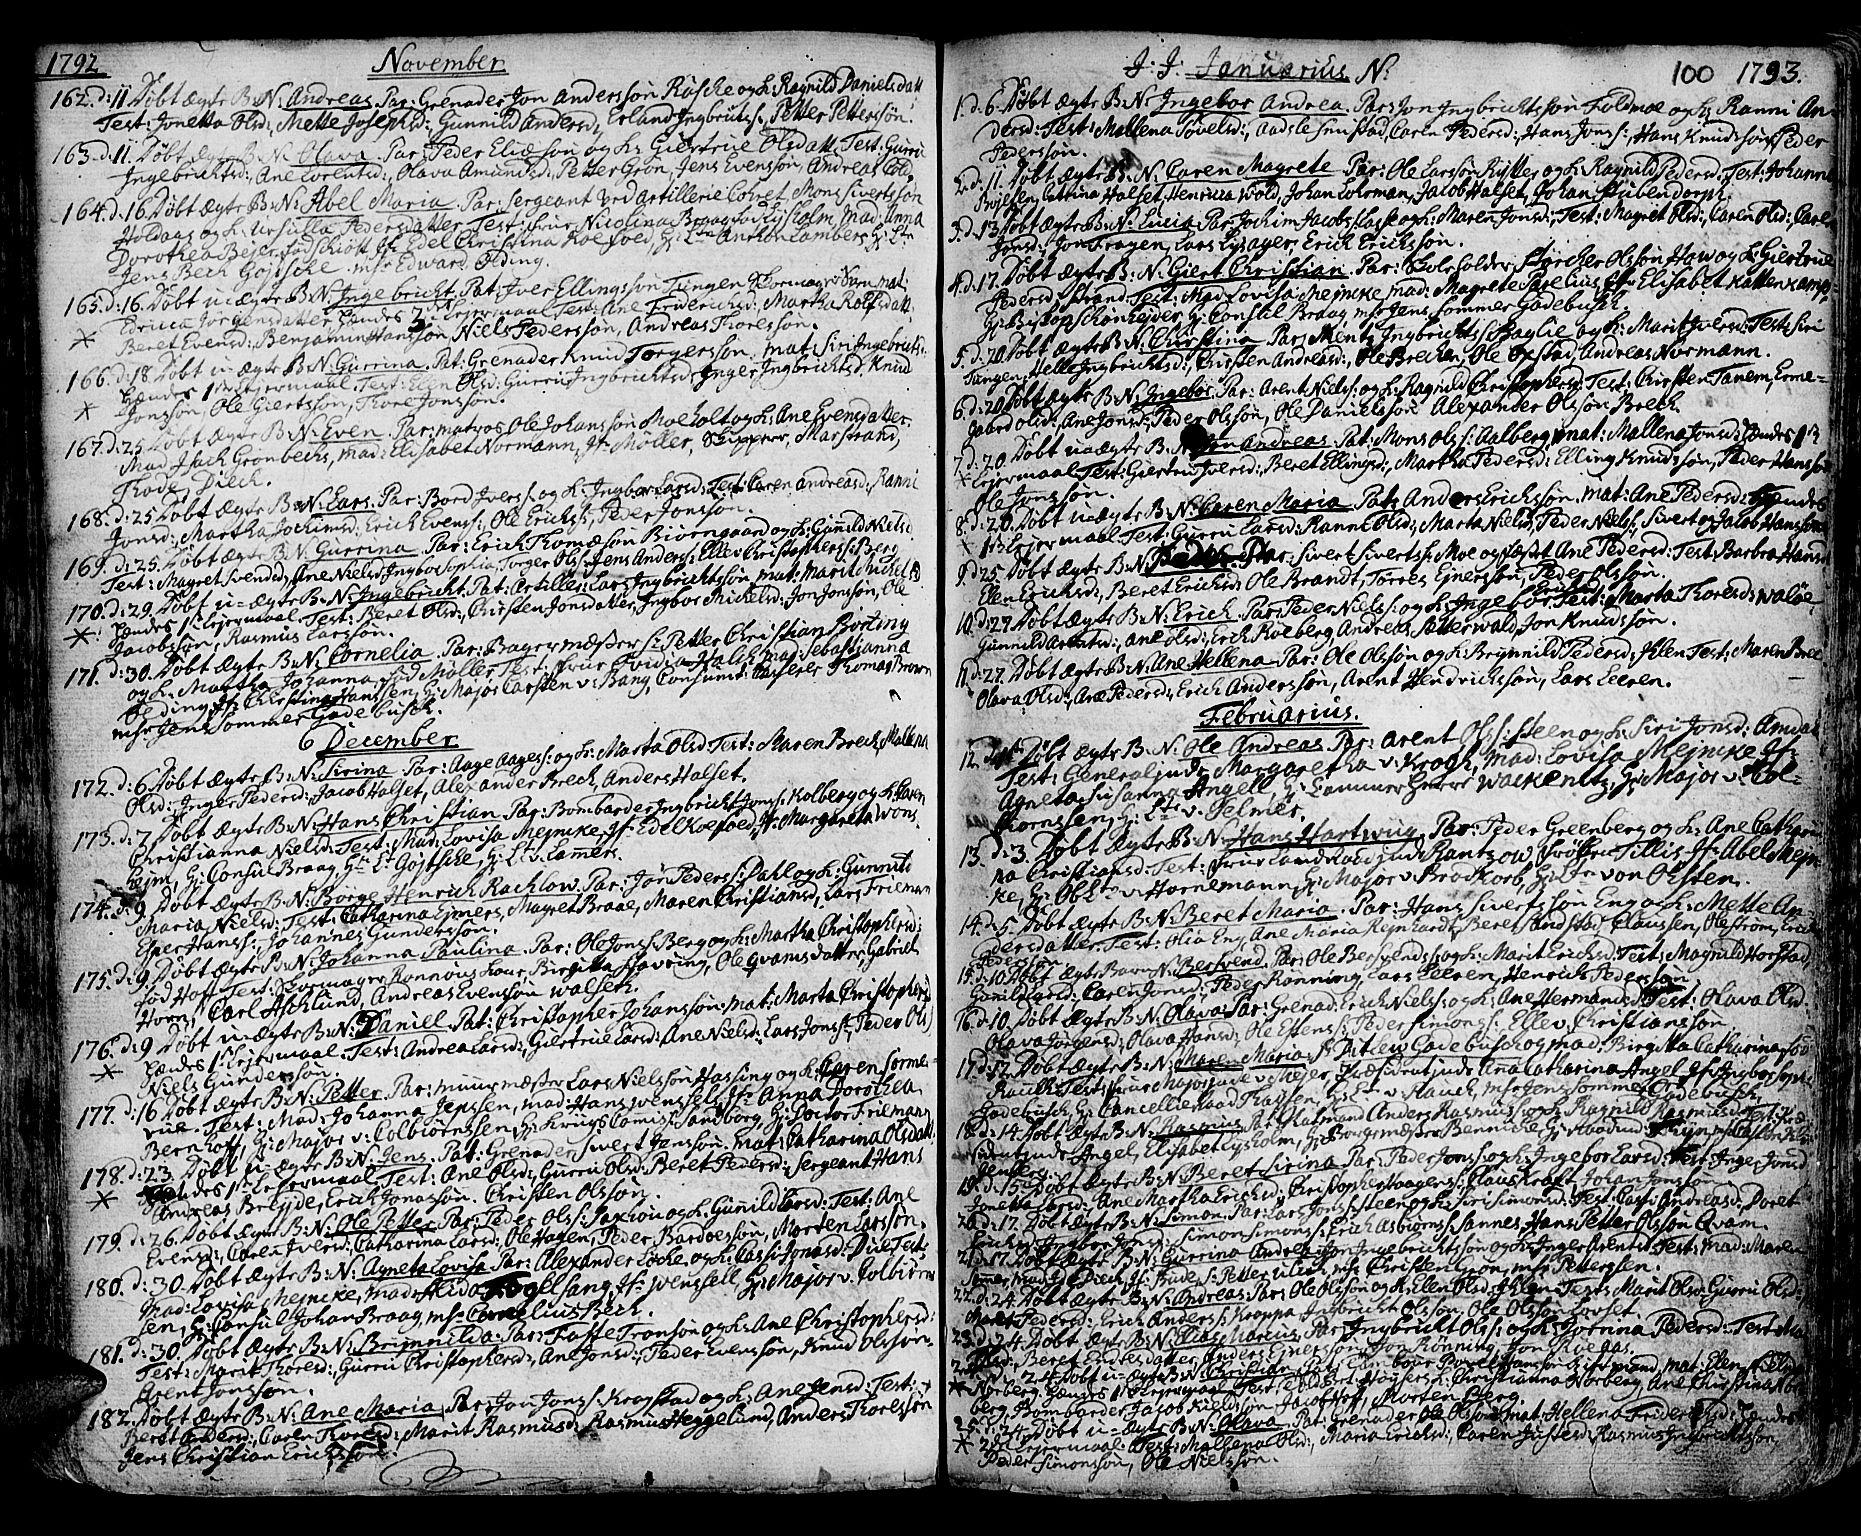 SAT, Ministerialprotokoller, klokkerbøker og fødselsregistre - Sør-Trøndelag, 601/L0039: Ministerialbok nr. 601A07, 1770-1819, s. 100